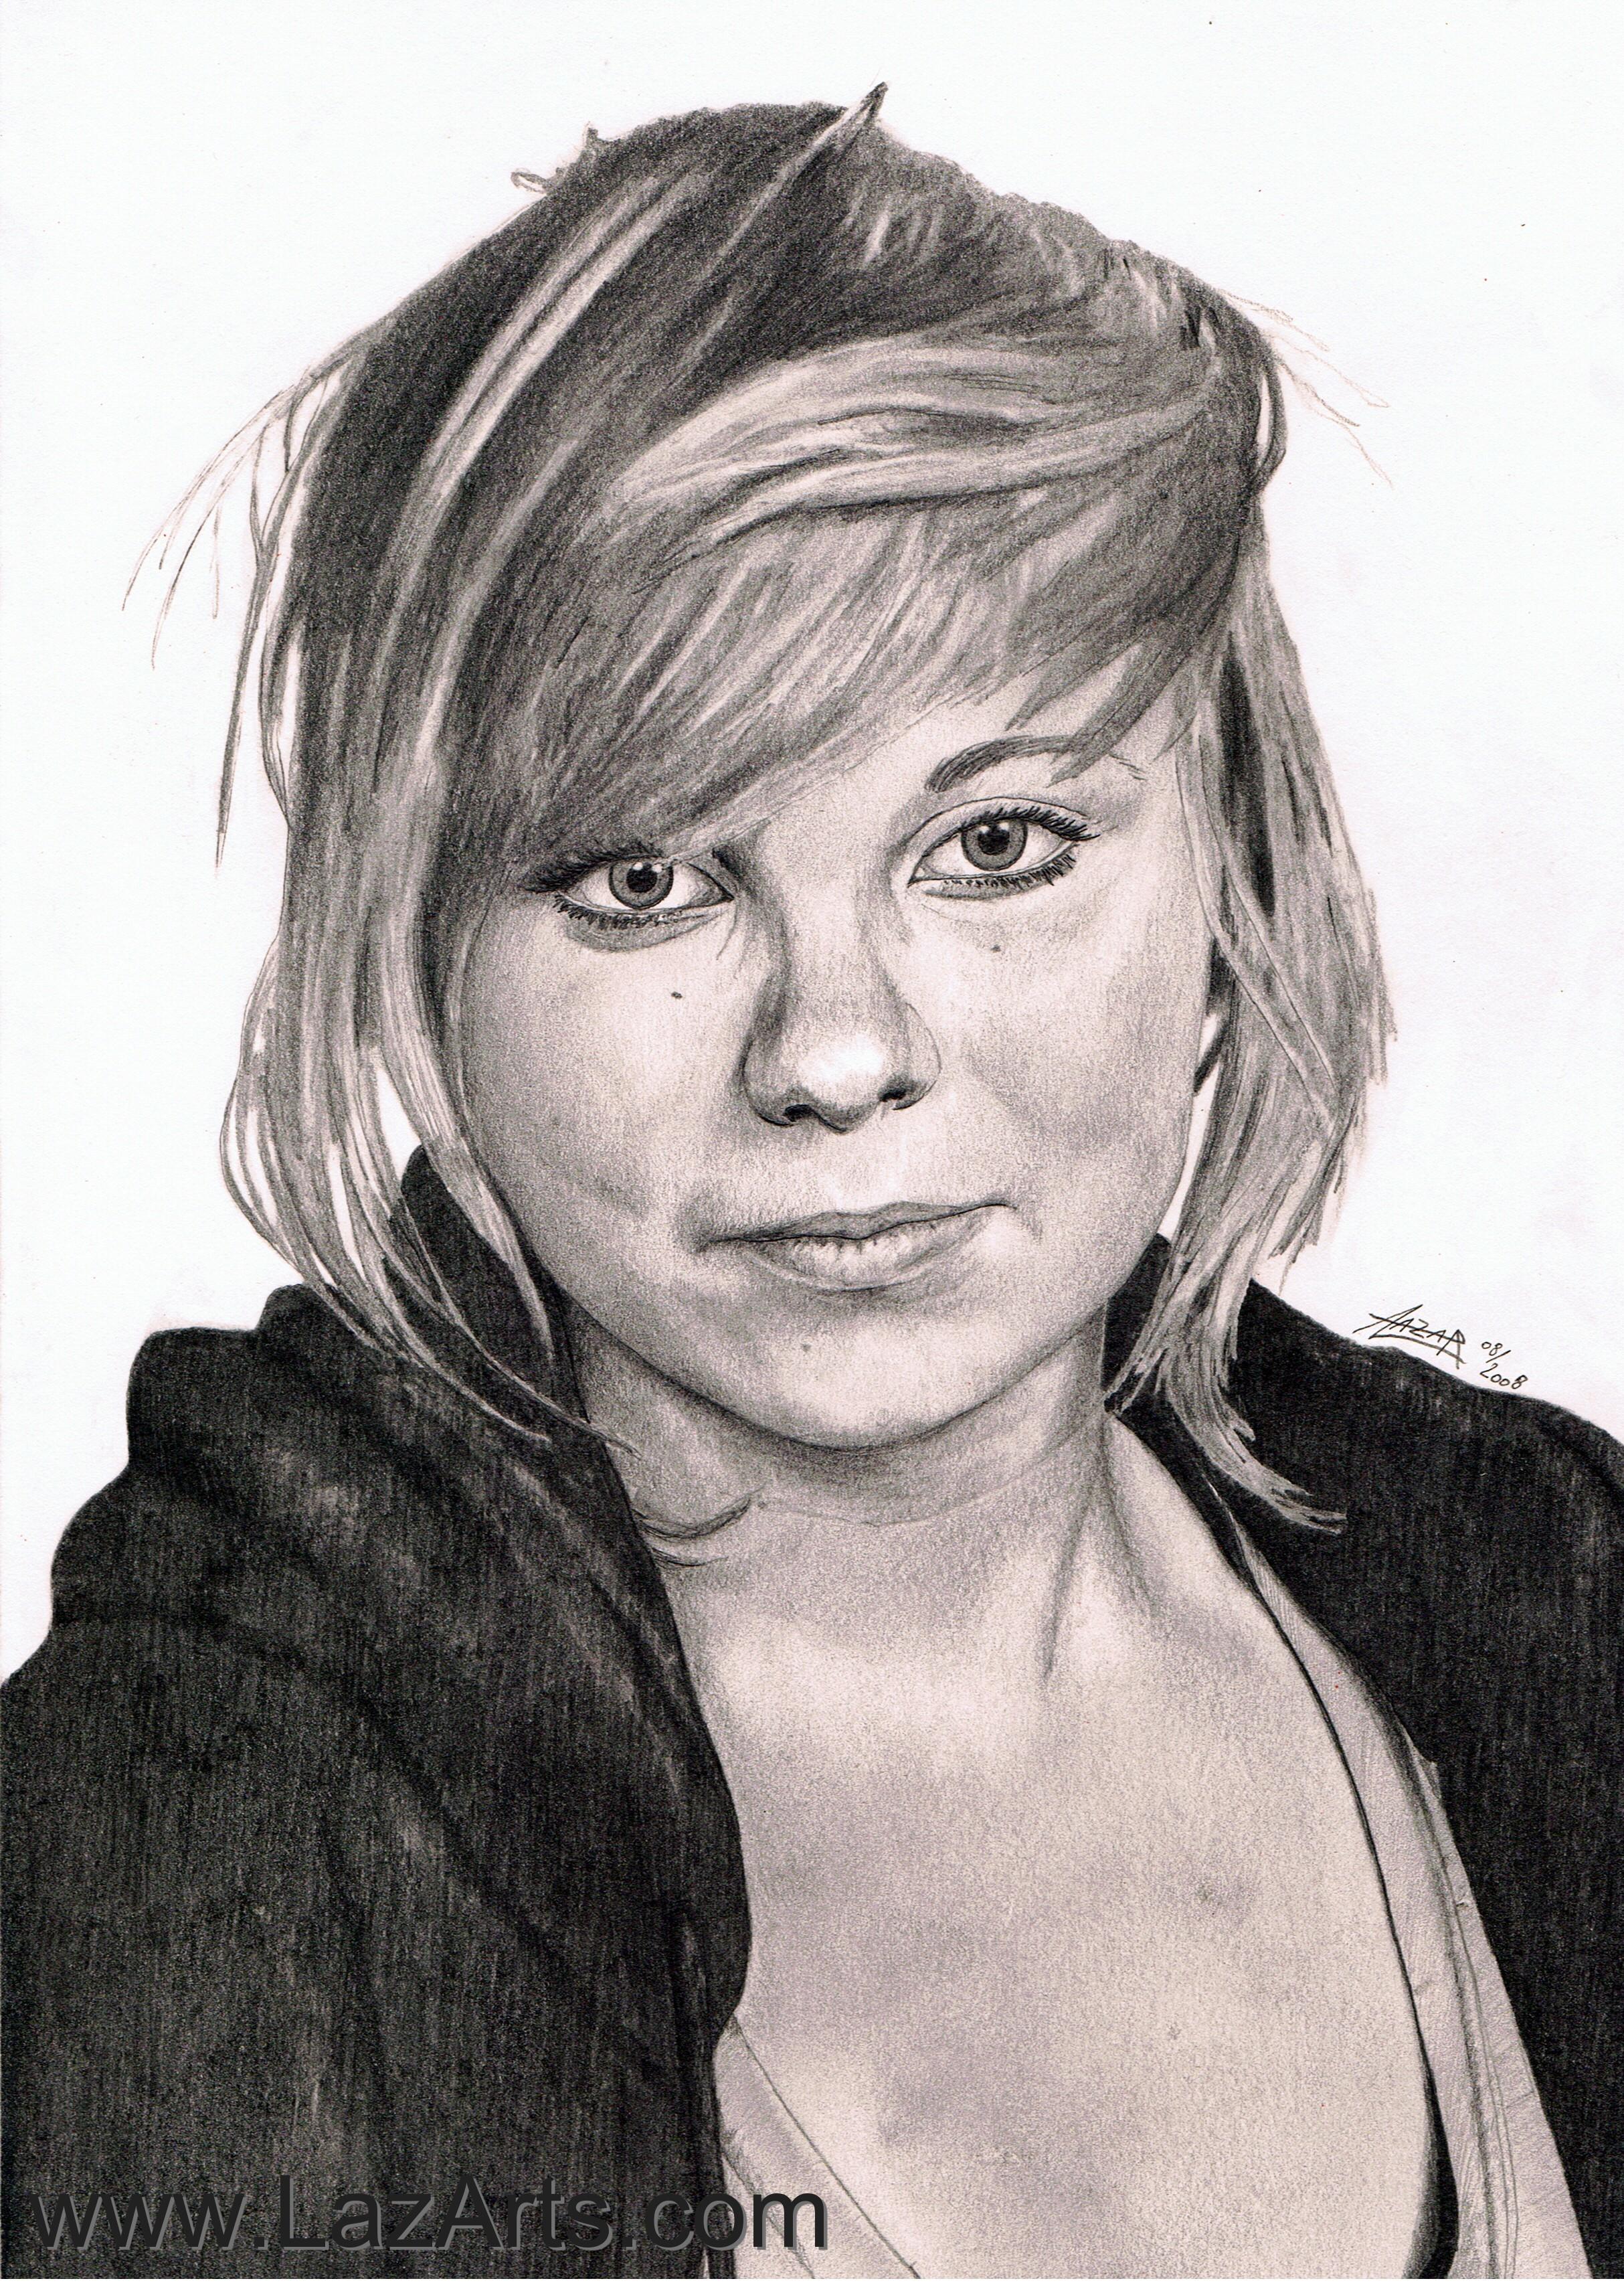 Ida Maria Nude lazarts - lazar arts, fine artsandreas lazar, fantasy